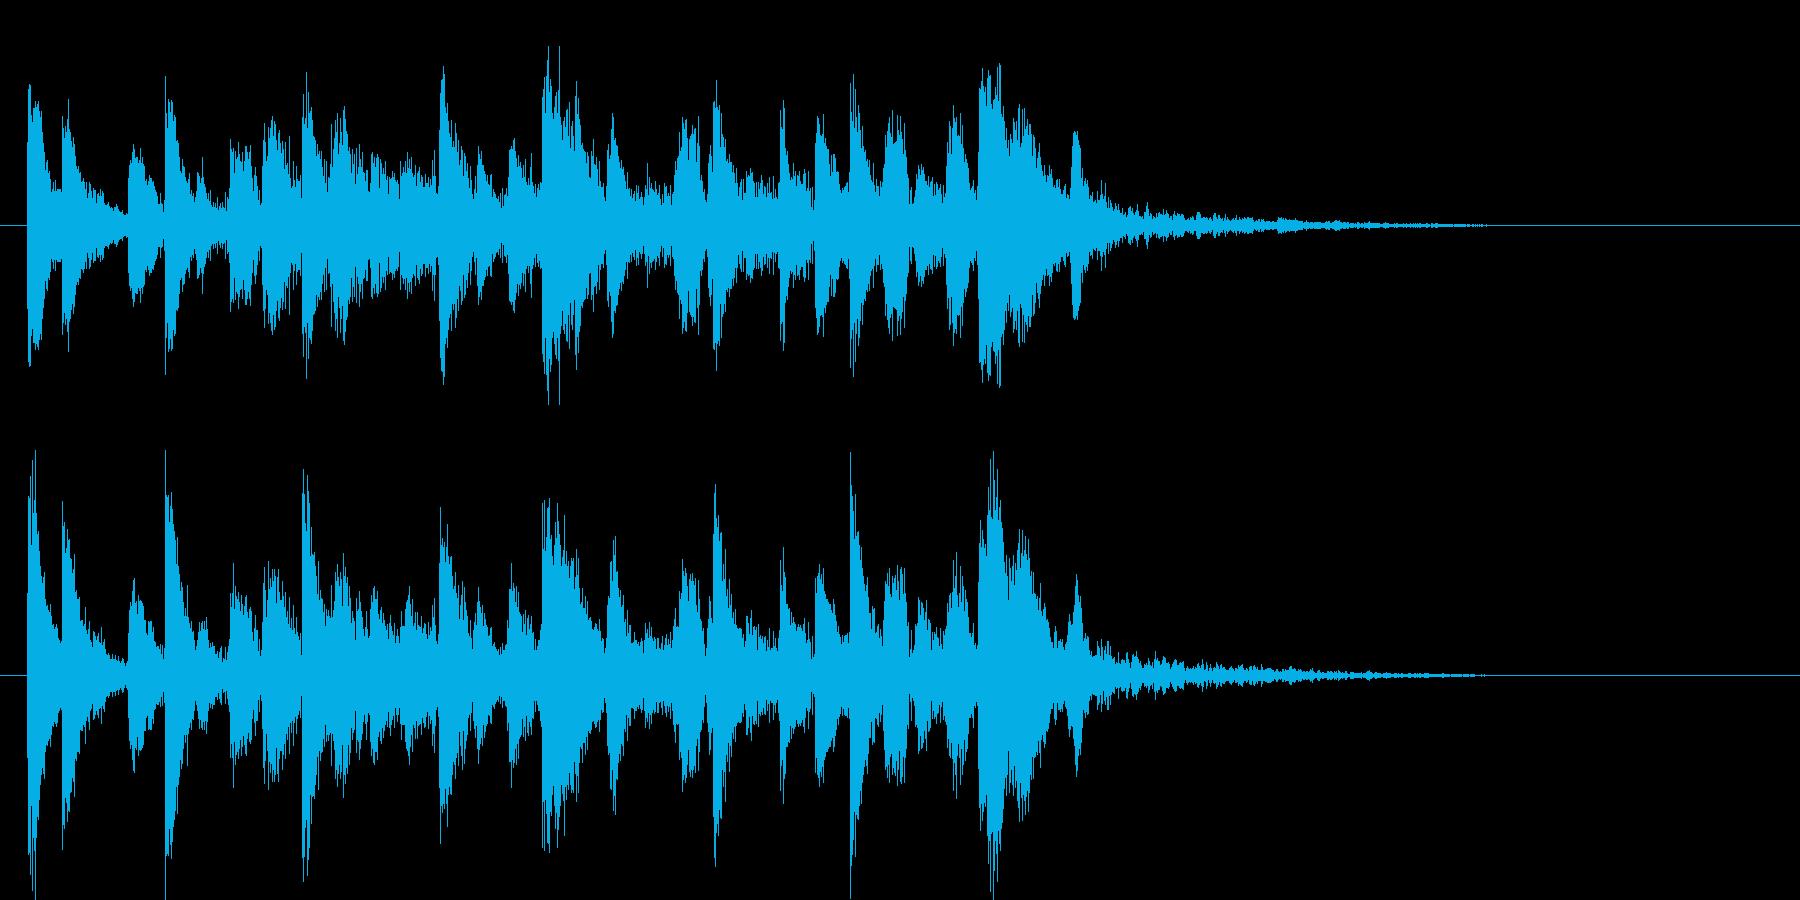 ハードボイルドな映像にあうテクノサウンドの再生済みの波形